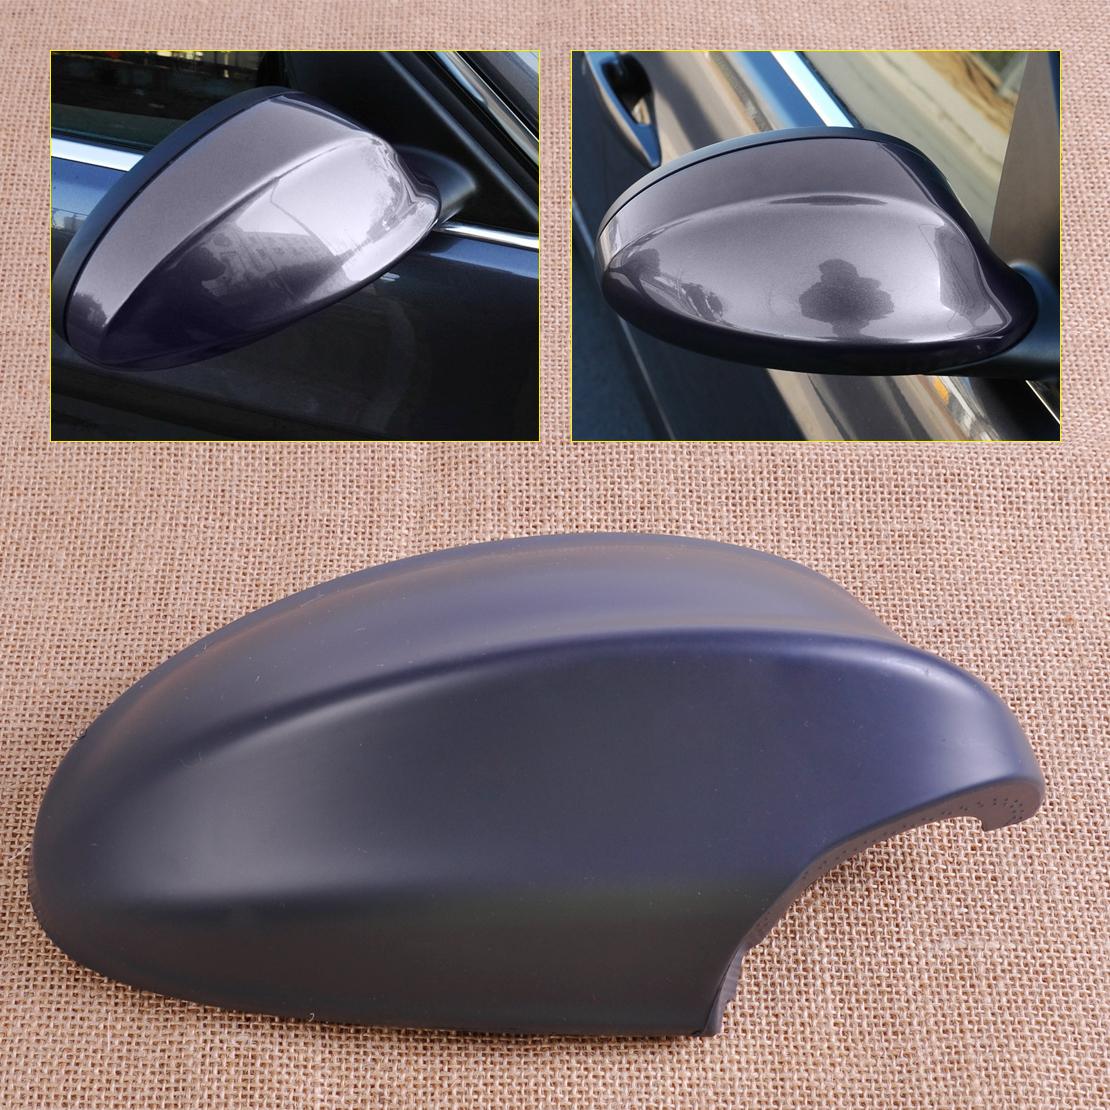 Pair Left Right Door Side Mirror Cover Cap for BMW E90 E91 328i 328xi 335i 335xi